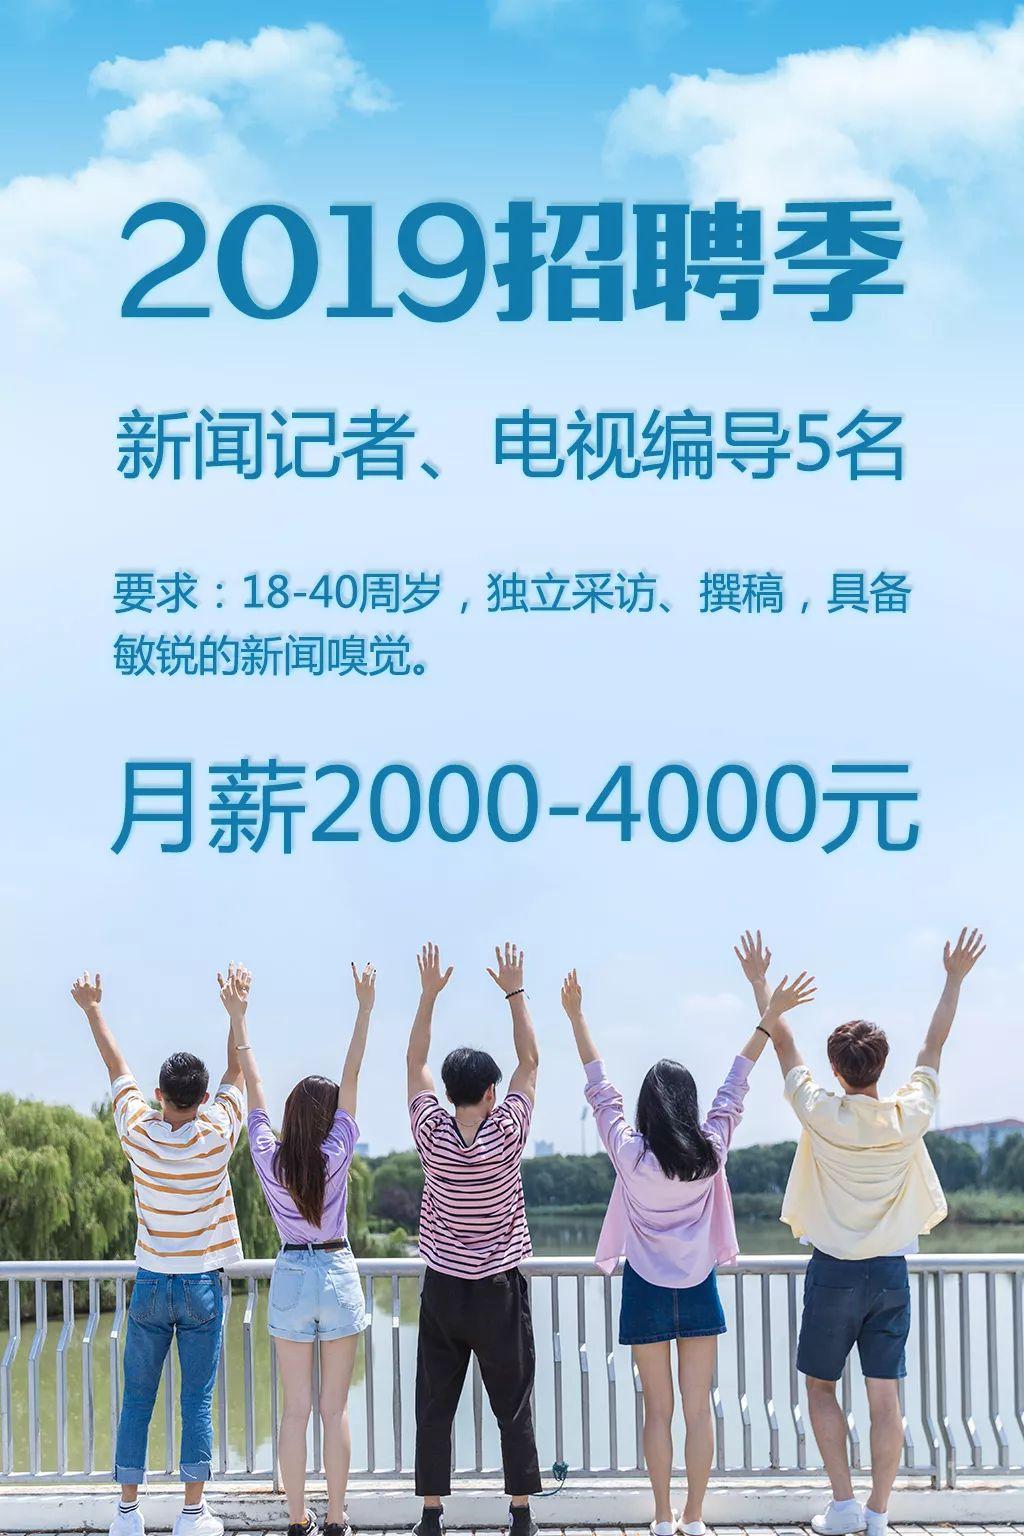 聊城莘县雁塔图片